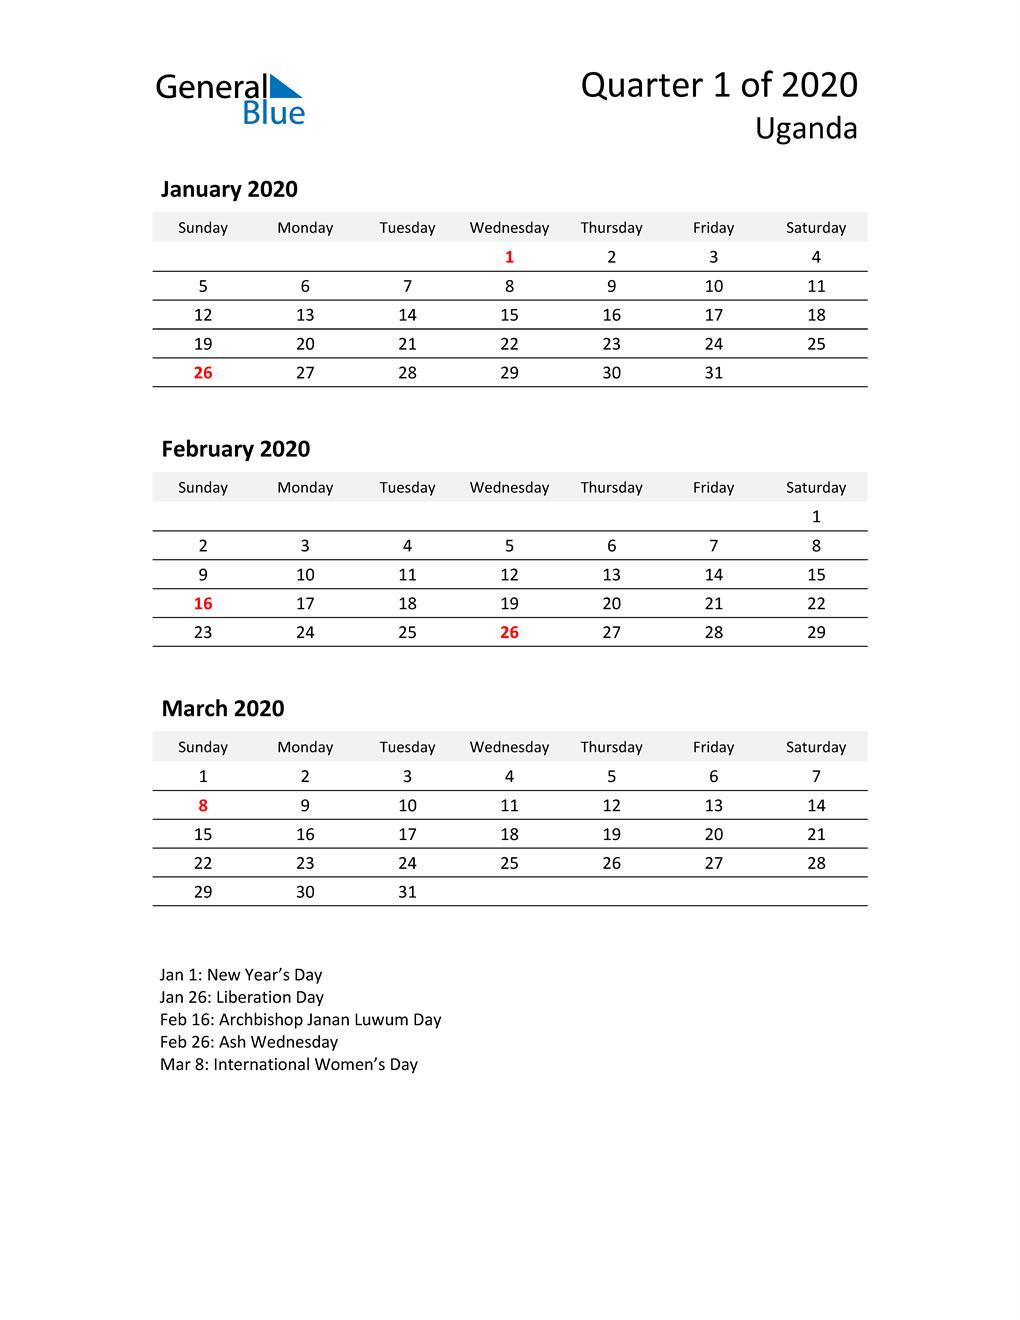 2020 Three-Month Calendar for Uganda